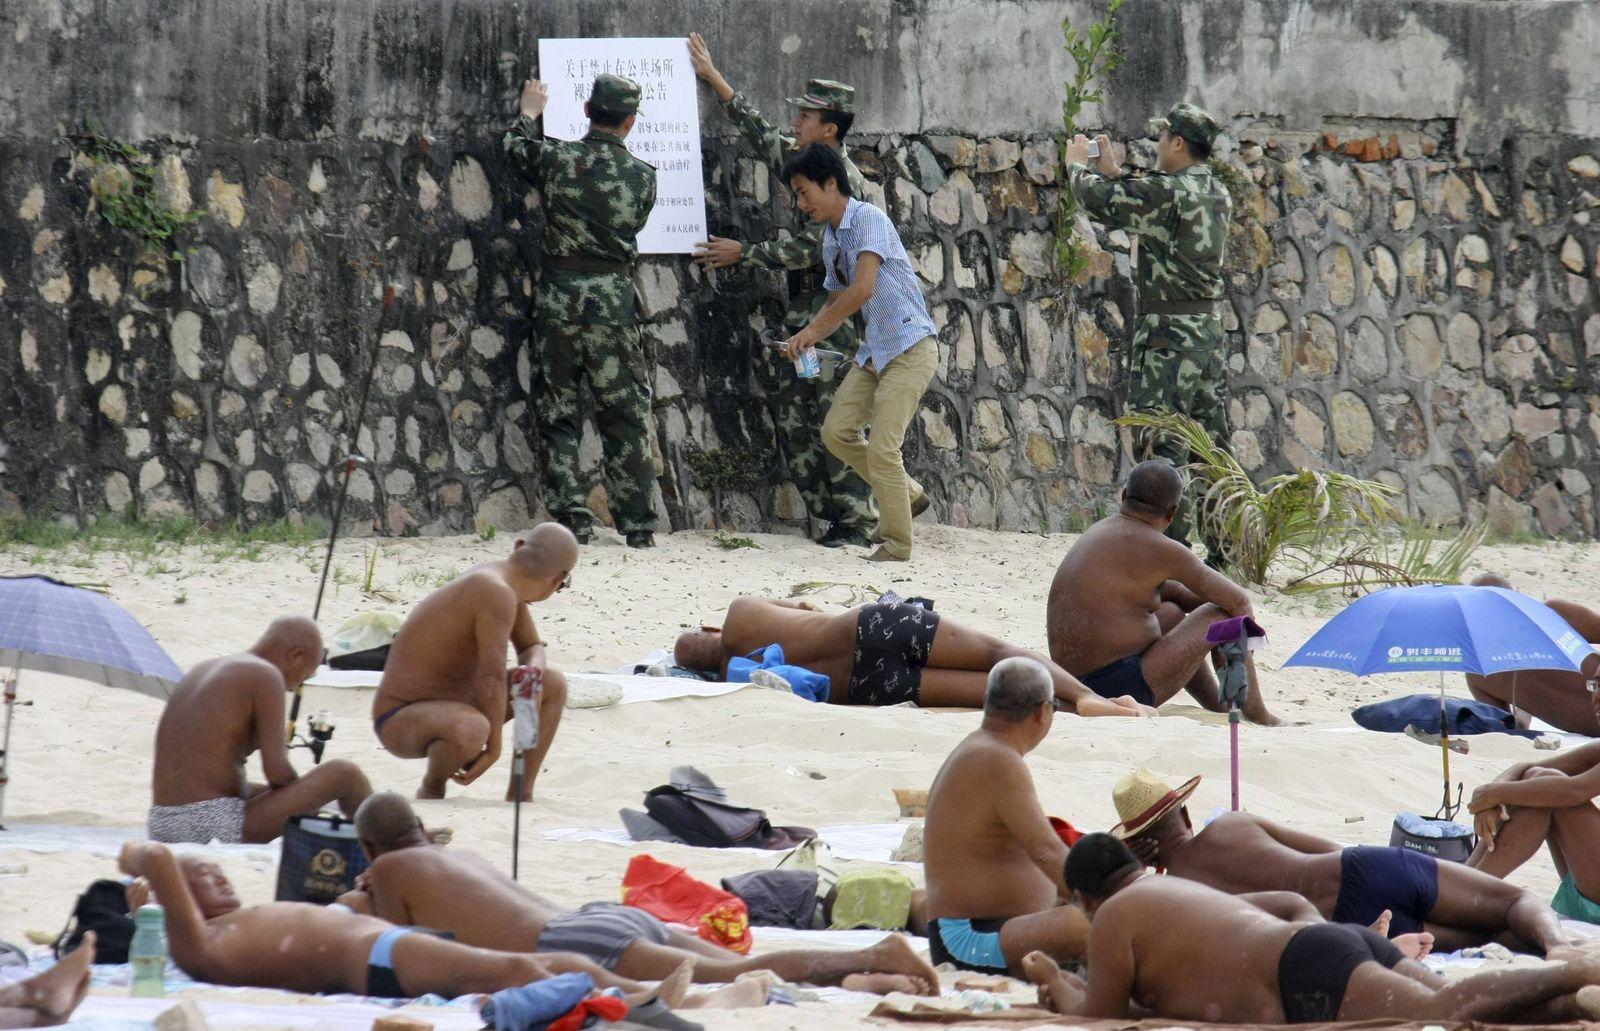 Nackt bilder familien nudisten Horror: Nudisten